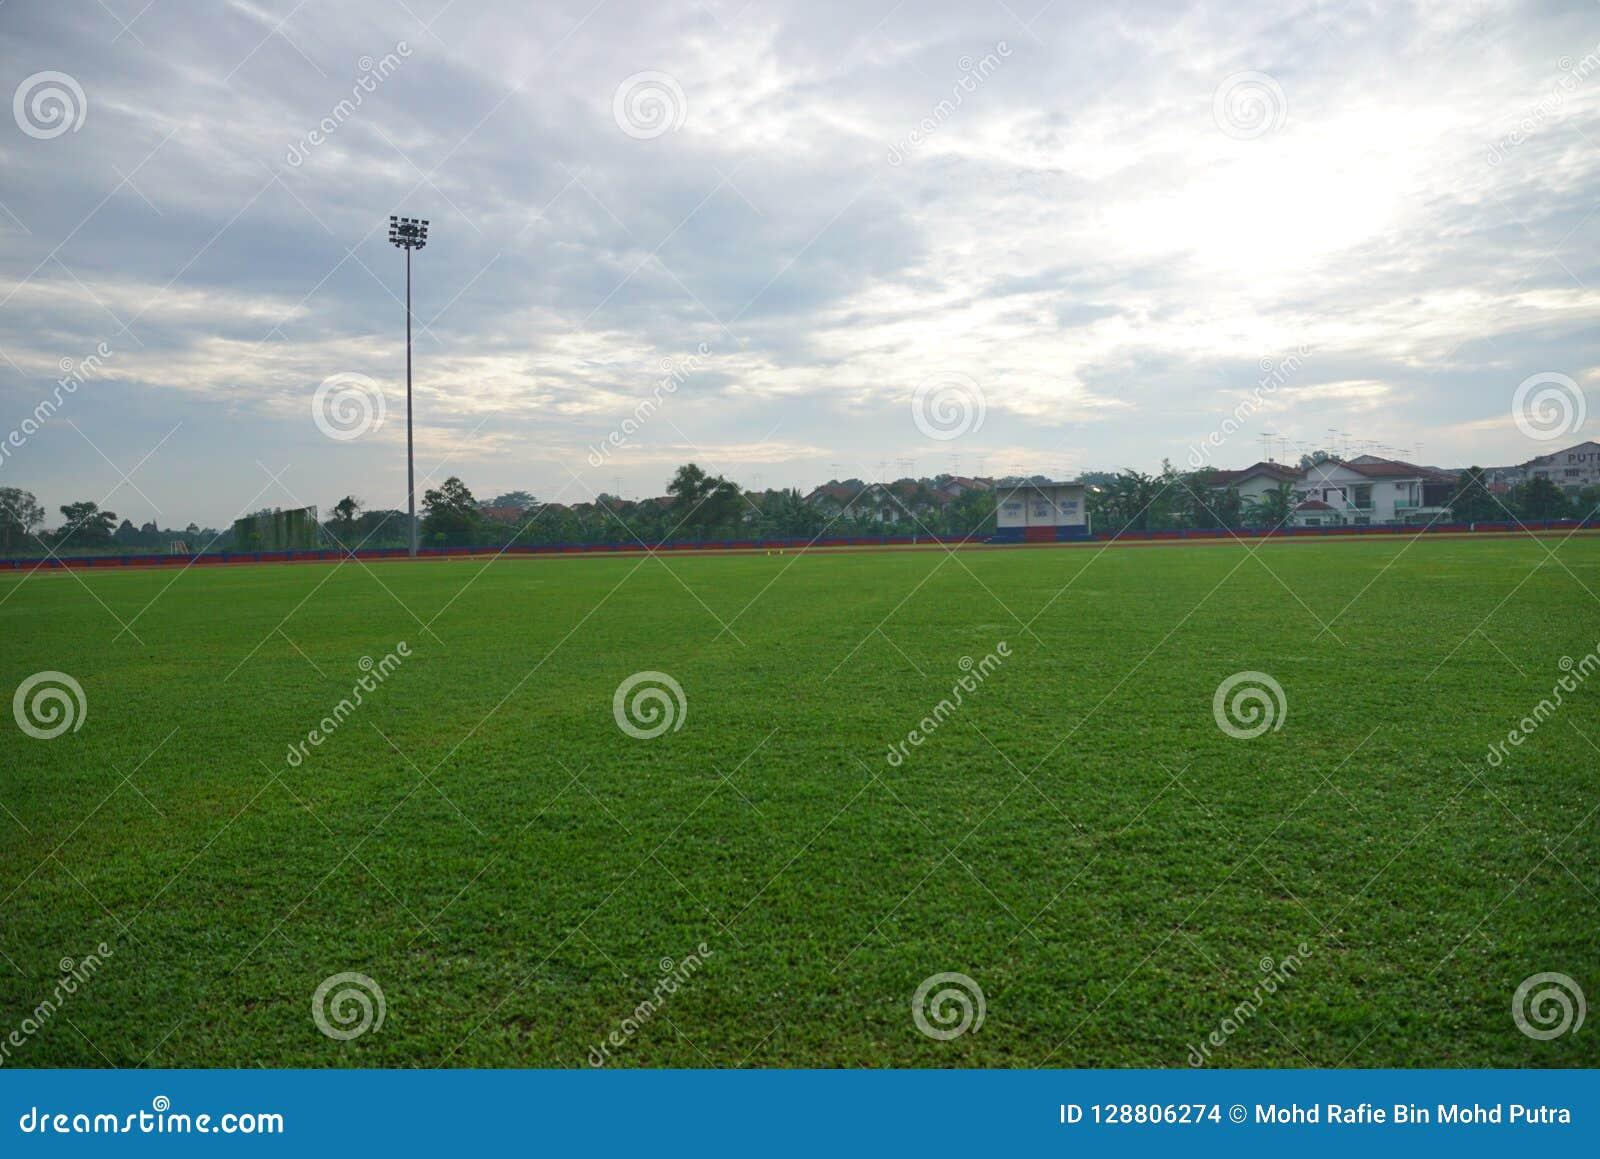 Sztuczny zawody atletyczni z zieloną trawą łączył z sztuczną trawą